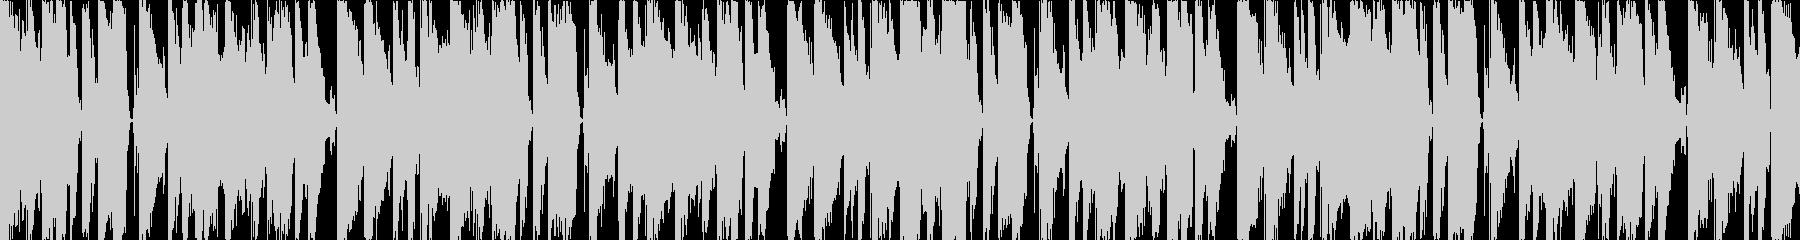 グルーヴィーでキャッチーなデジタルポップの未再生の波形